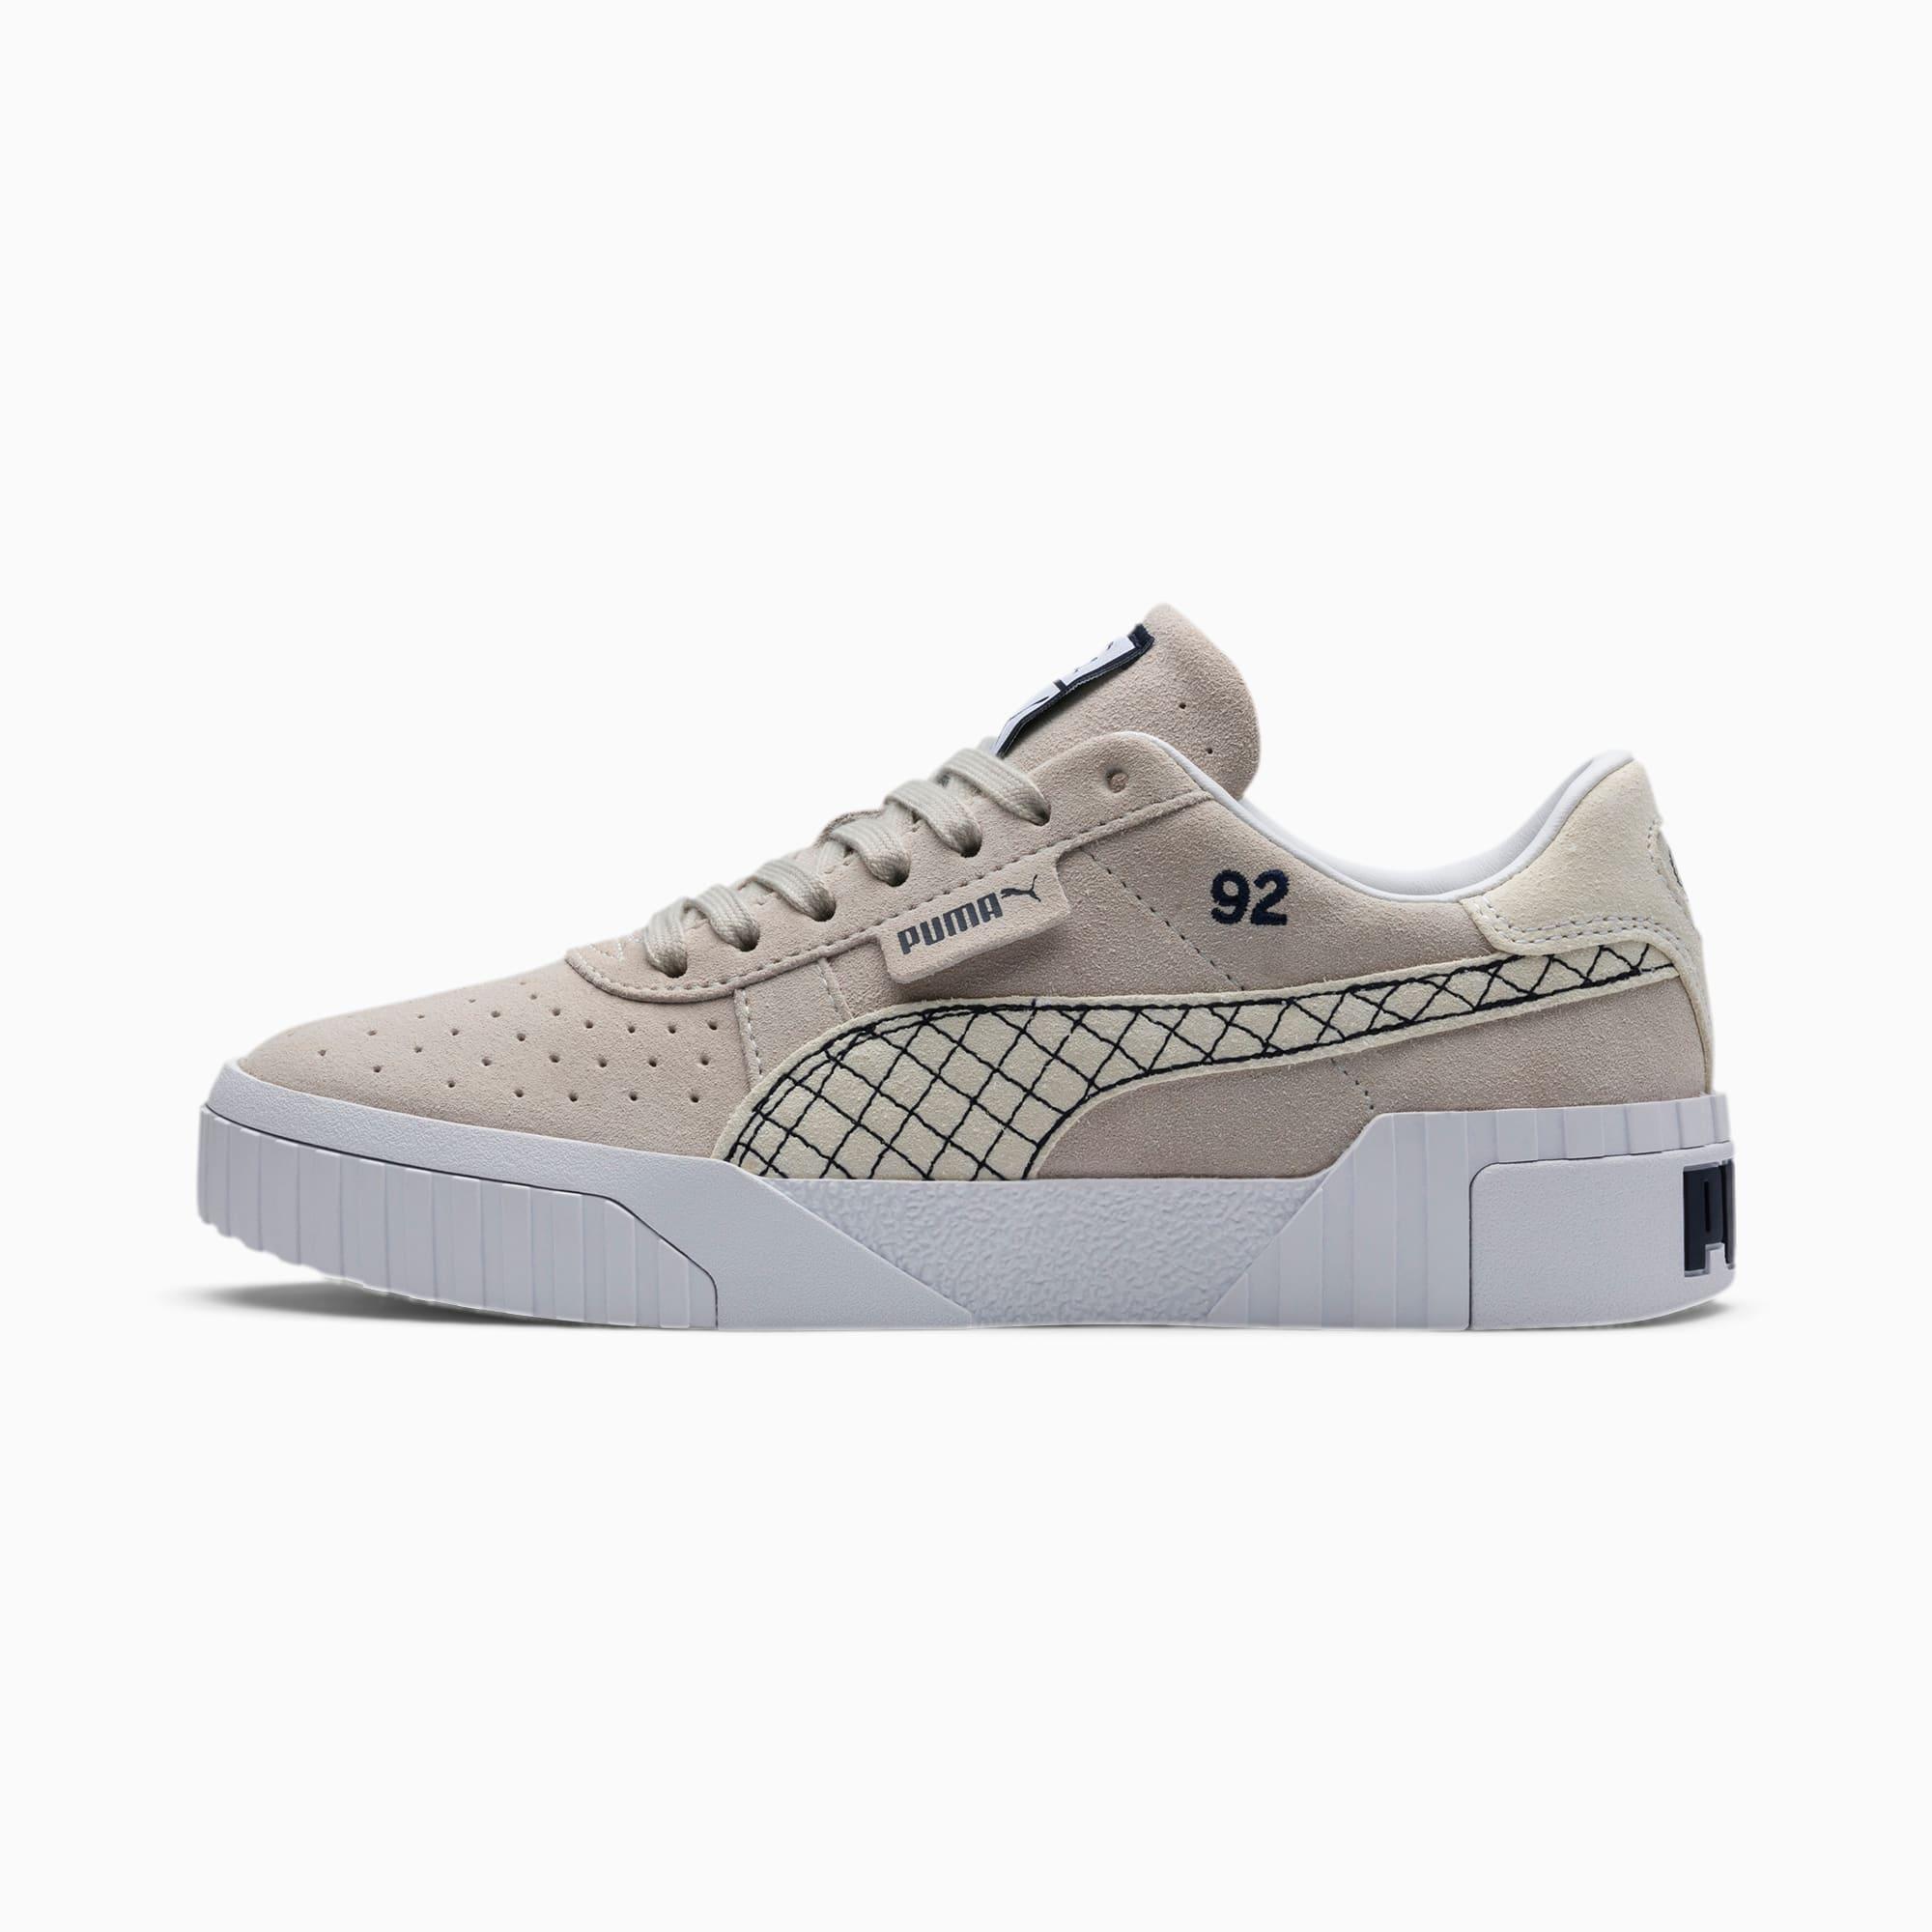 PUMA Chaussure Basket PUMA x SELENA GOMEZ Cali Suede Quilt pour Femme, Argent/Gris/Blanc, Taille 37.5, Chaussures